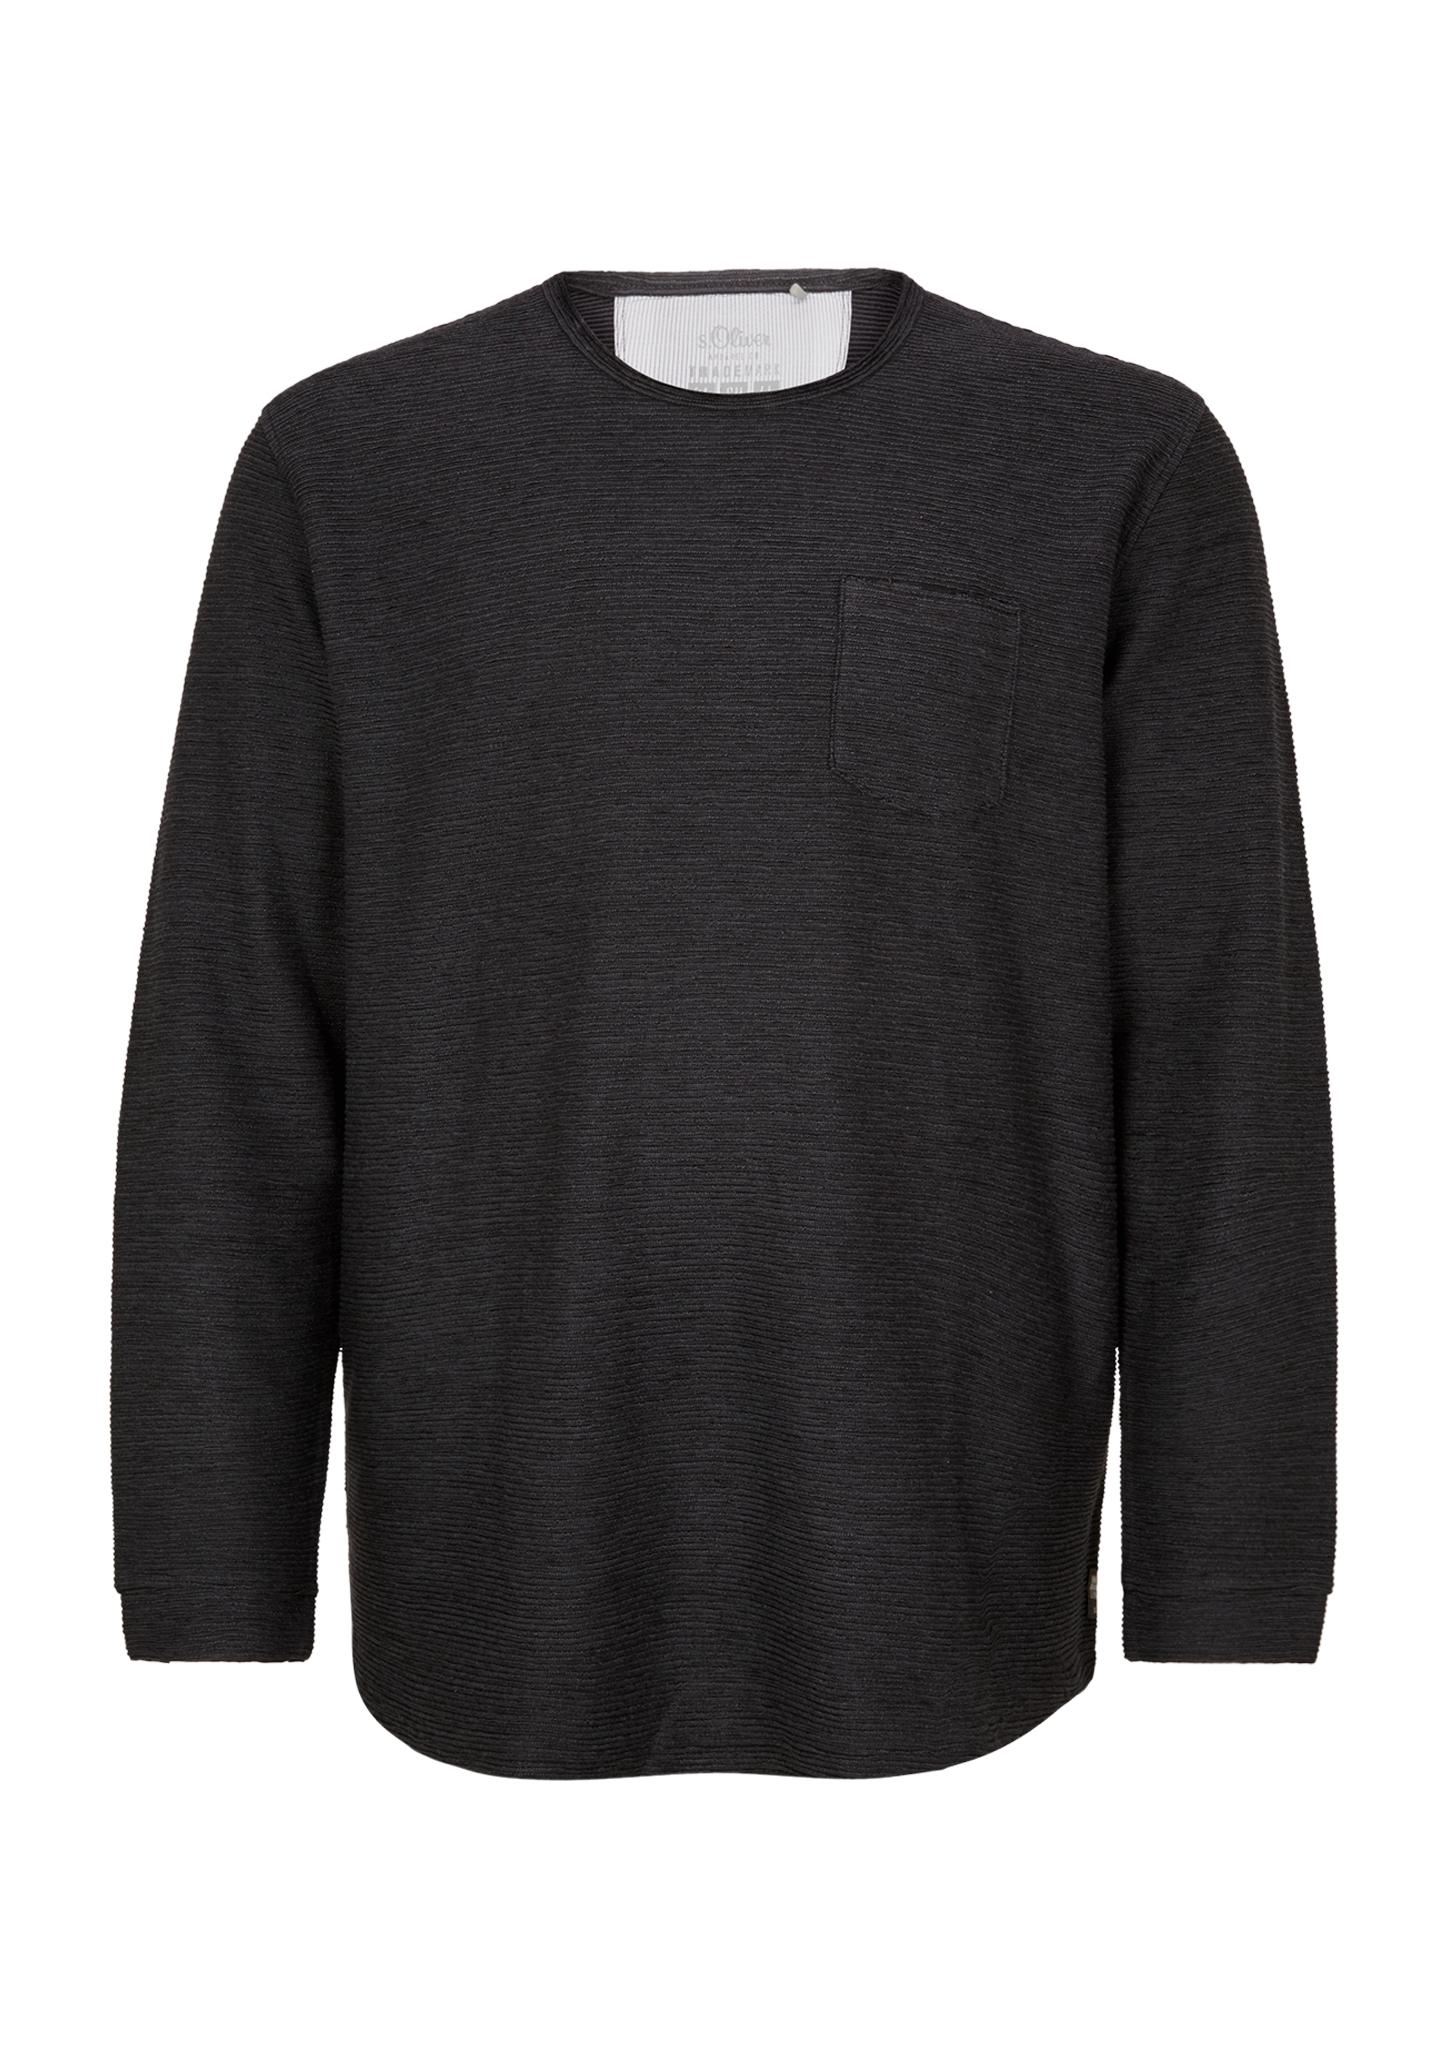 Langarmshirt   Bekleidung > Shirts > Langarm Shirts   Schwarz   88% baumwolle -  12% polyester   s.Oliver Men Big Sizes